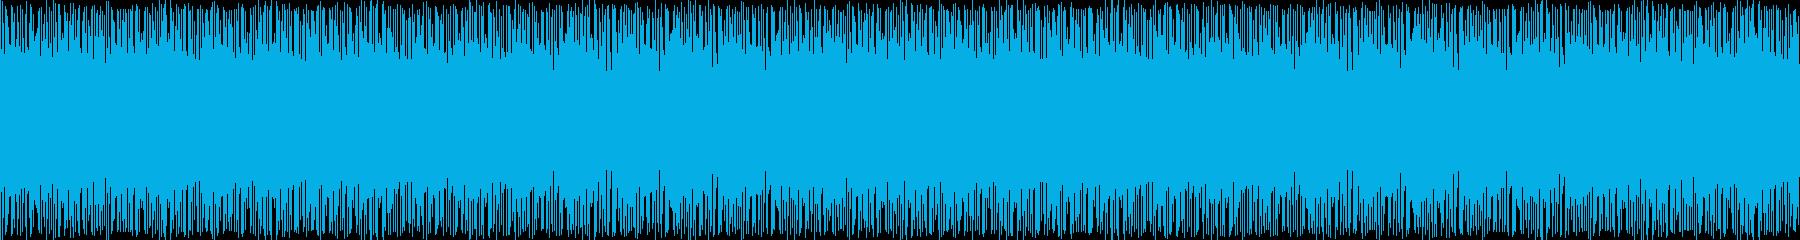 混乱と焦燥感のビートの再生済みの波形